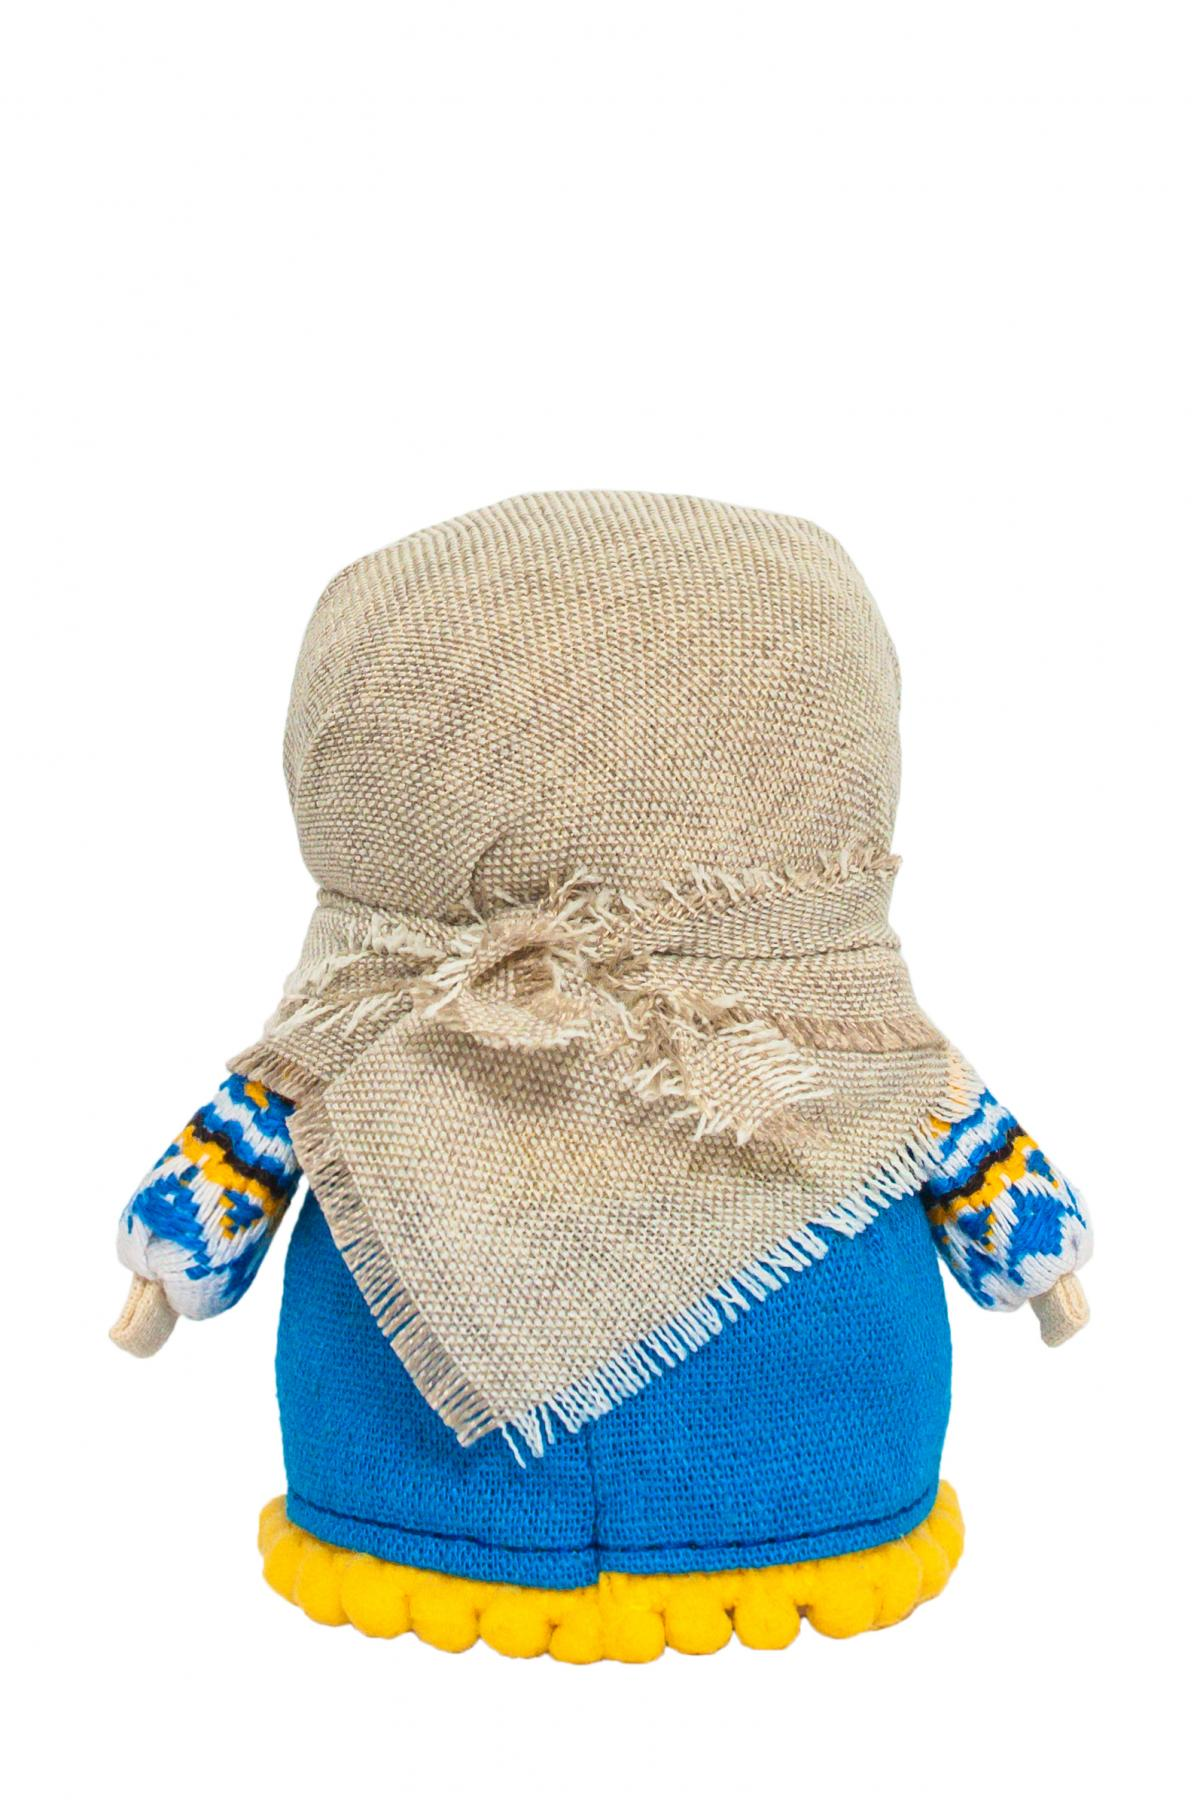 Кукла Зернянка синяя (на достаток). Фото №2. | Народный дом Украина